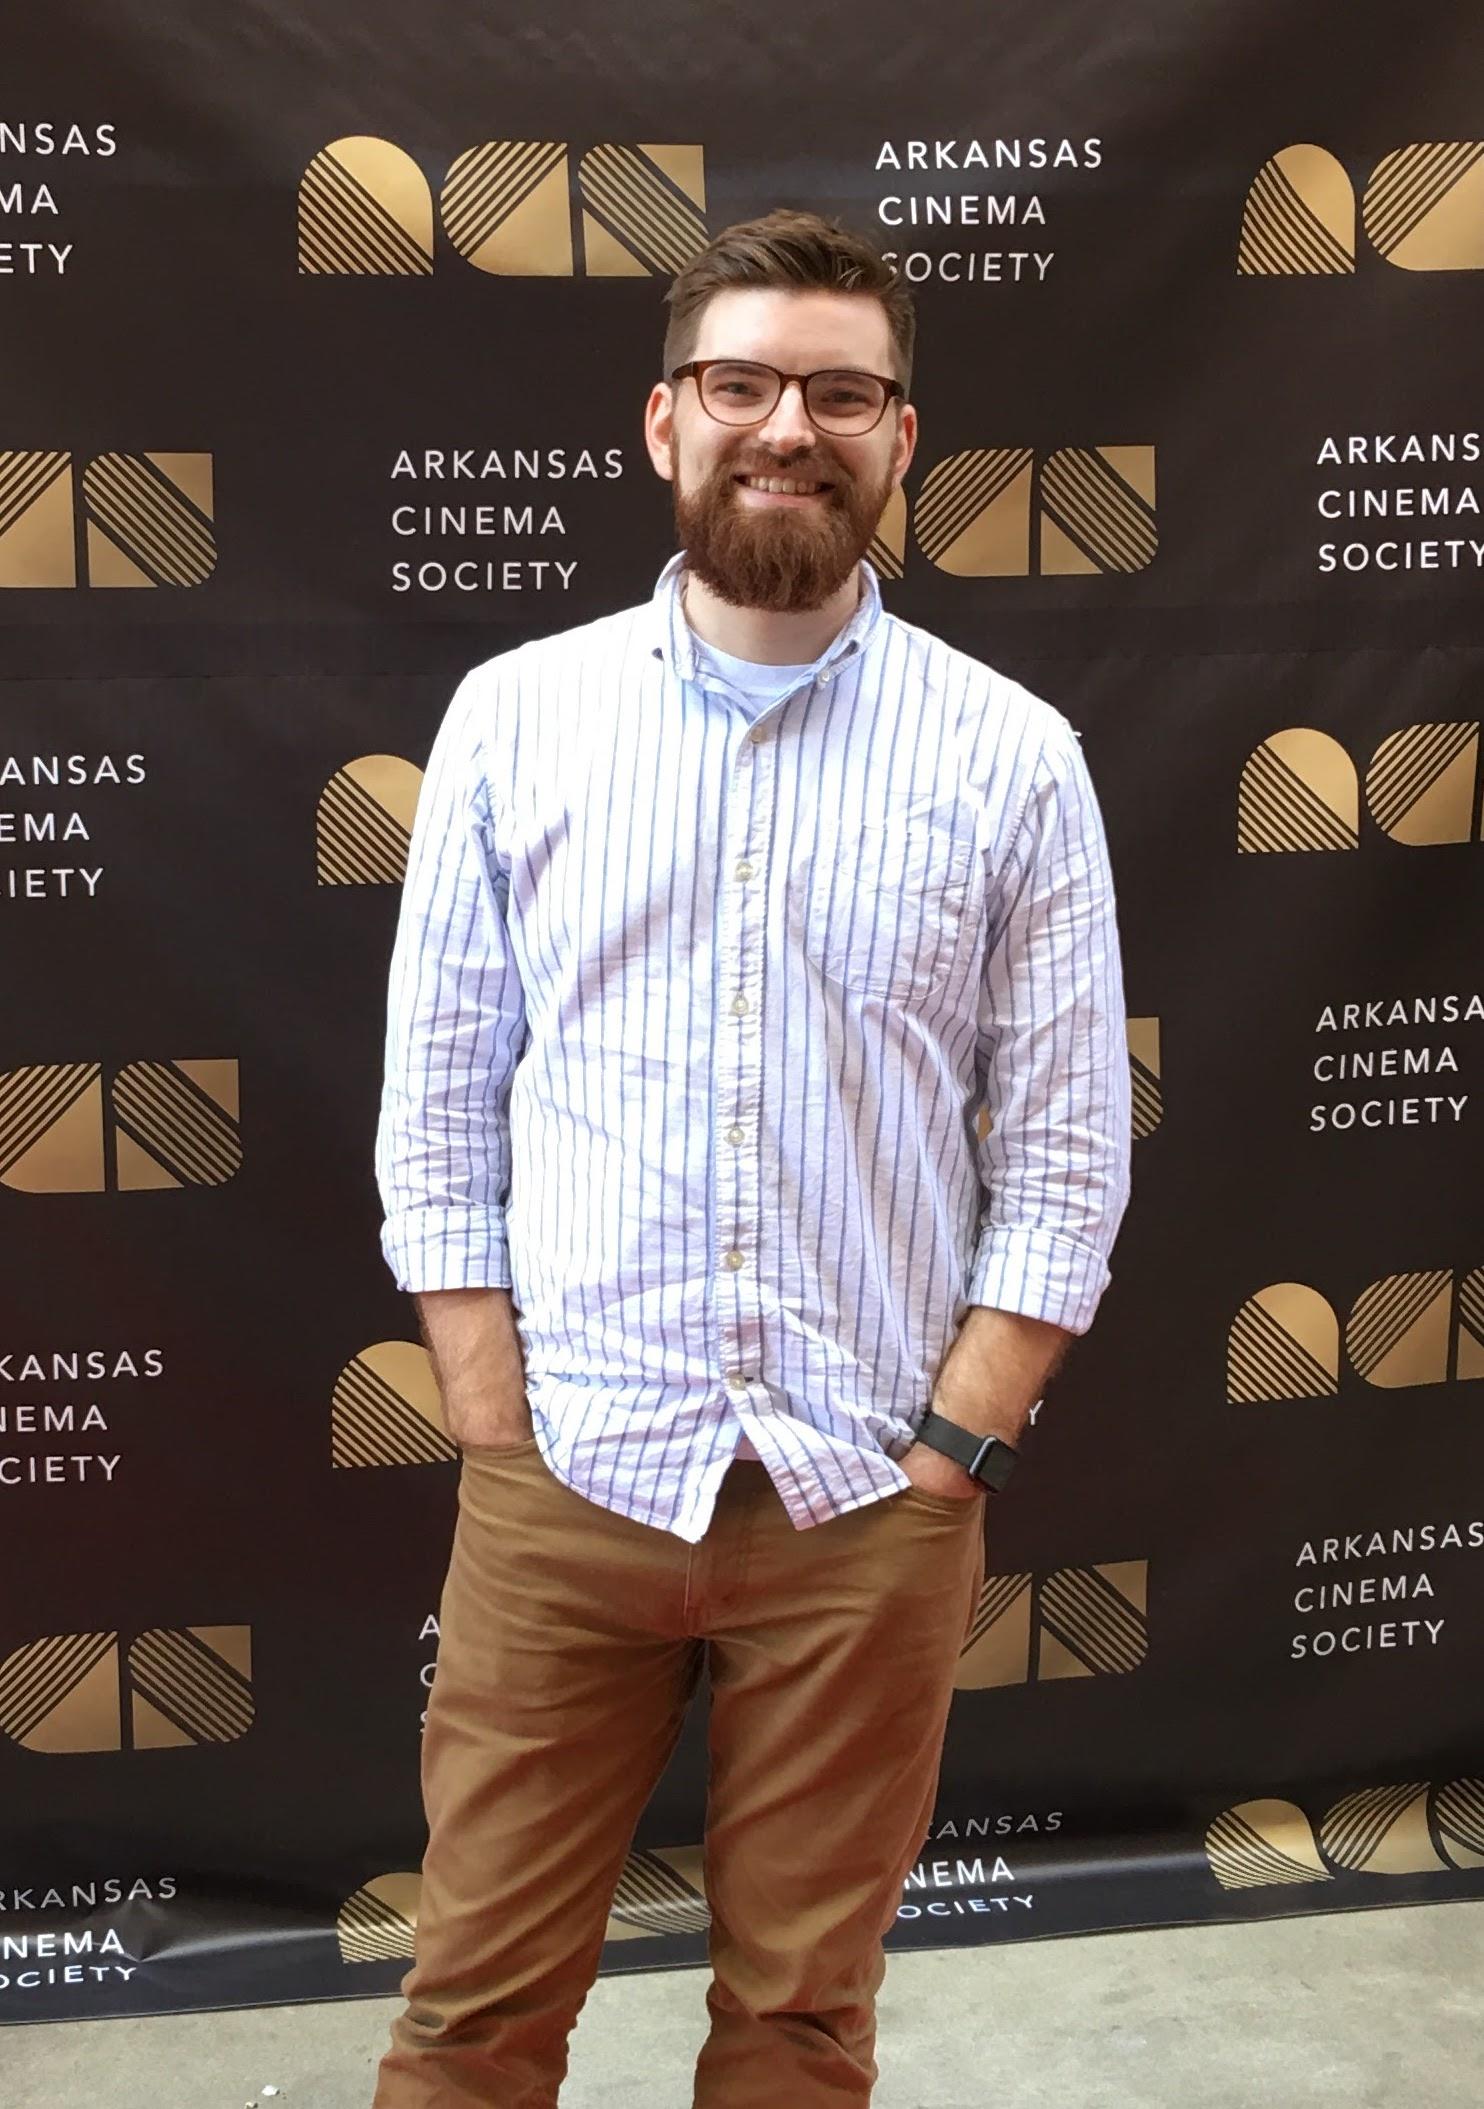 Andrew Sweatman